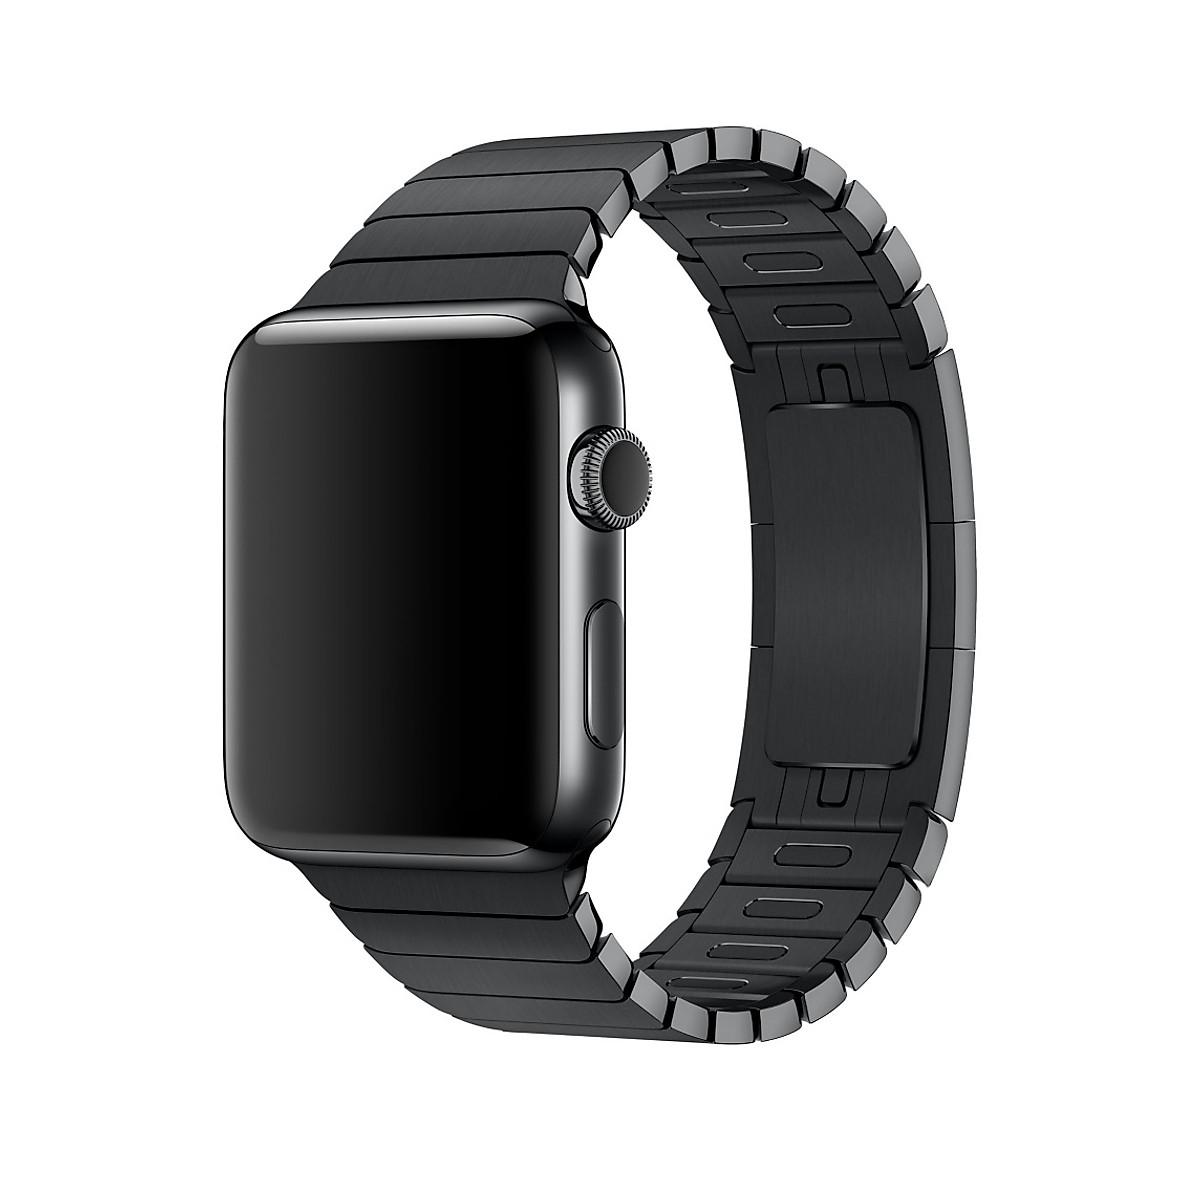 Dây thép cho đồng hồ Apple Watch Series 4/5 Link Bracelet tháo chốt tự động